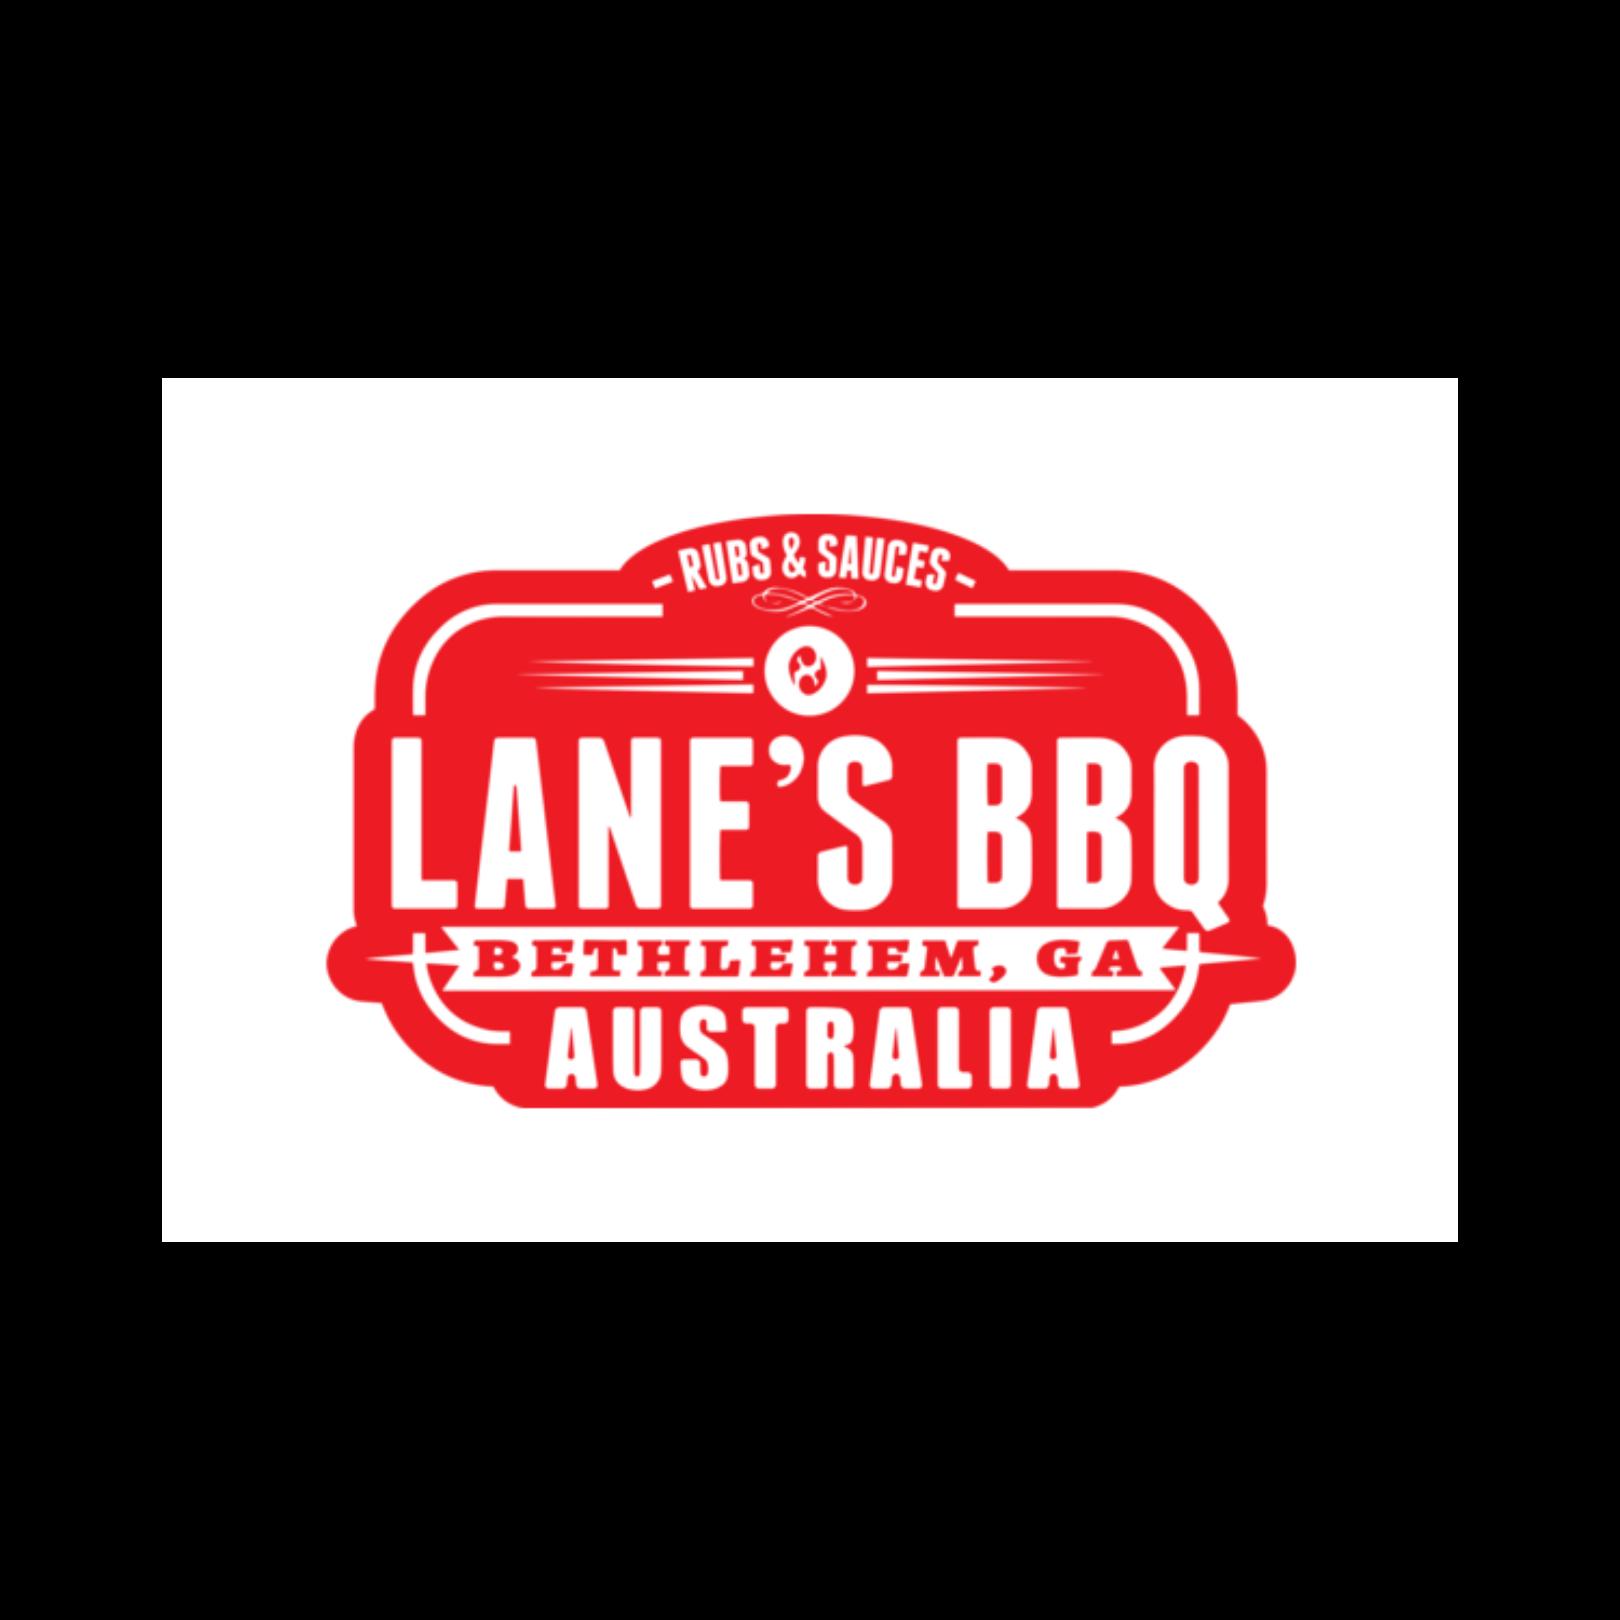 Lanes BBQ Australia